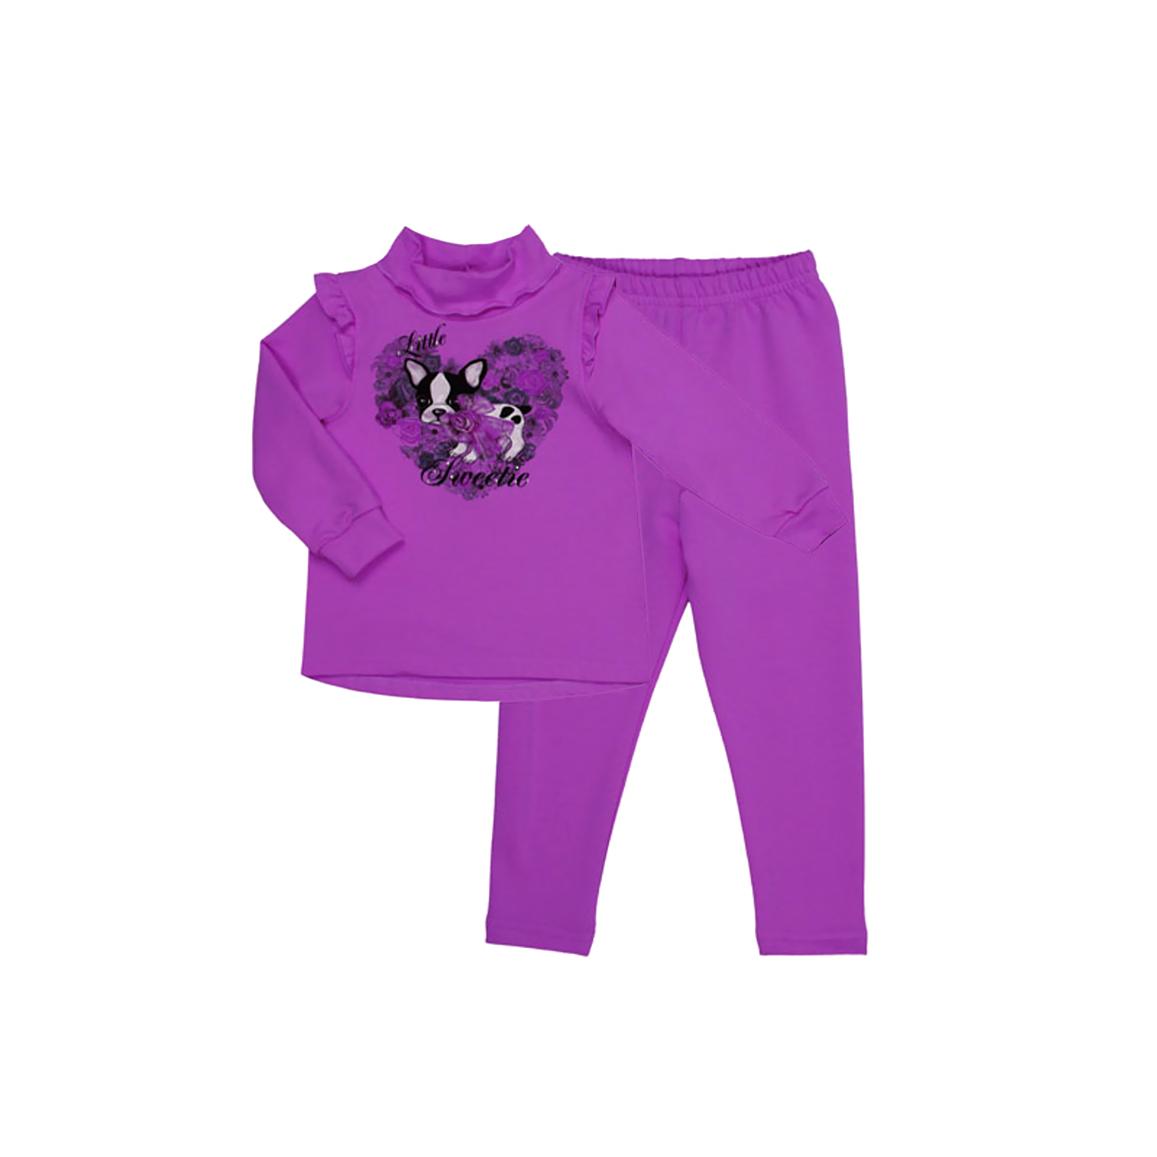 Комплект Бимоша для девочки: джемпер+брюки, цвет сиреневый (132153) 12-18 мес.